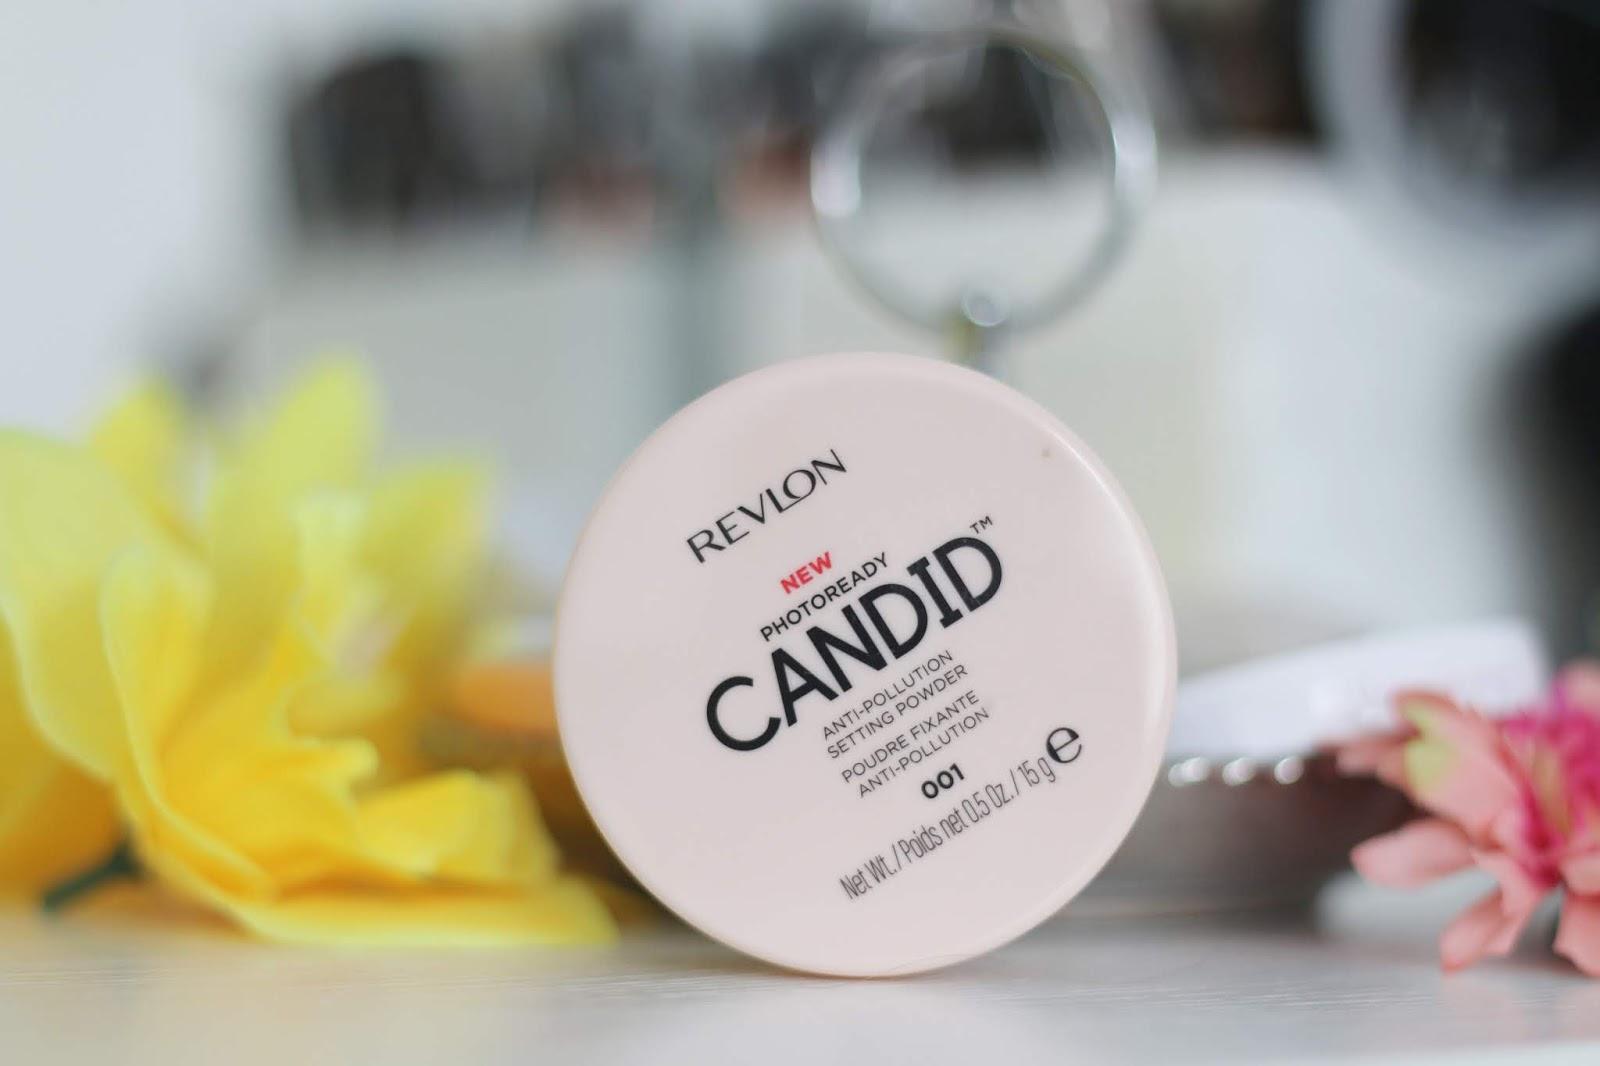 Revlon Candit puder